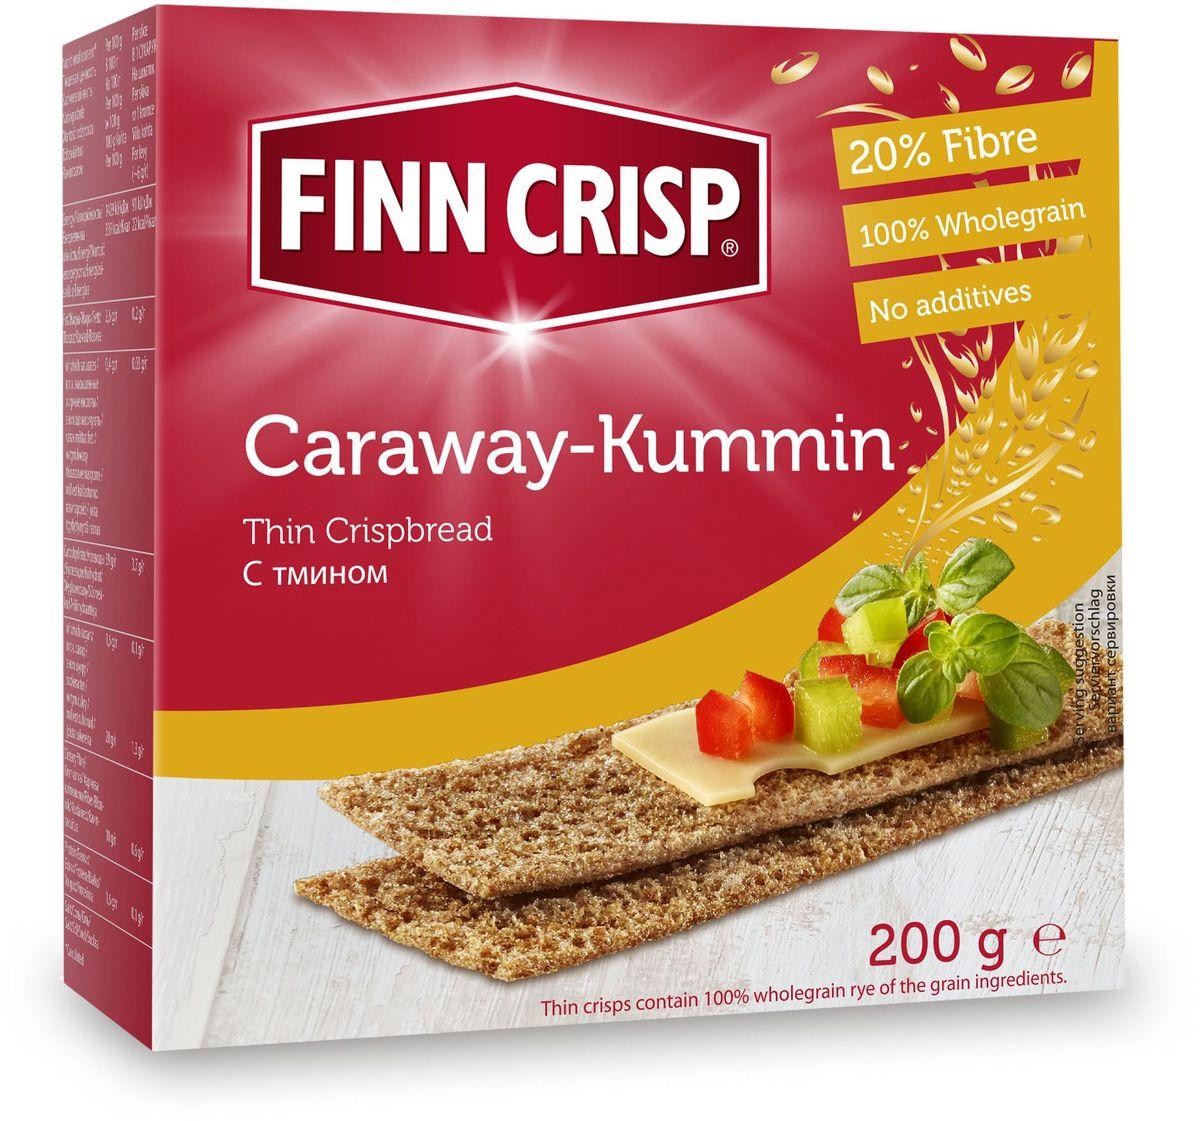 Finn Crisp Caraway хлебцы с тмином, 200 г20211В 1952 году началось производство сухариков FINN CRISP (ФИНН КРИСП), когда стартовали Олимпийские Игры в Хельсинки (Финляндия). Многие годы натуральные ржаные сухарики FINN CRISP отражают дух Финляндии для миллионов покупателей по всему миру, заботящихся о здоровом питании. Высушивать хлеб - давняя финская традиция и FINN CRISP до сих пор придерживаются этой традиции создавая хлебцы по старому классическому финскому рецепту. Бренд FINN CRISP принадлежит компании VAASAN Group's. VAASAN - это крупнейшая хлебопекарная компания в Балтийском регионе со столетней историей, занимающаяся производством продукции для правильного и здорового питания. Занимающая второе место по производству сухариков и хлебцев, а её продукция экспортируются в более чем 50 государств!